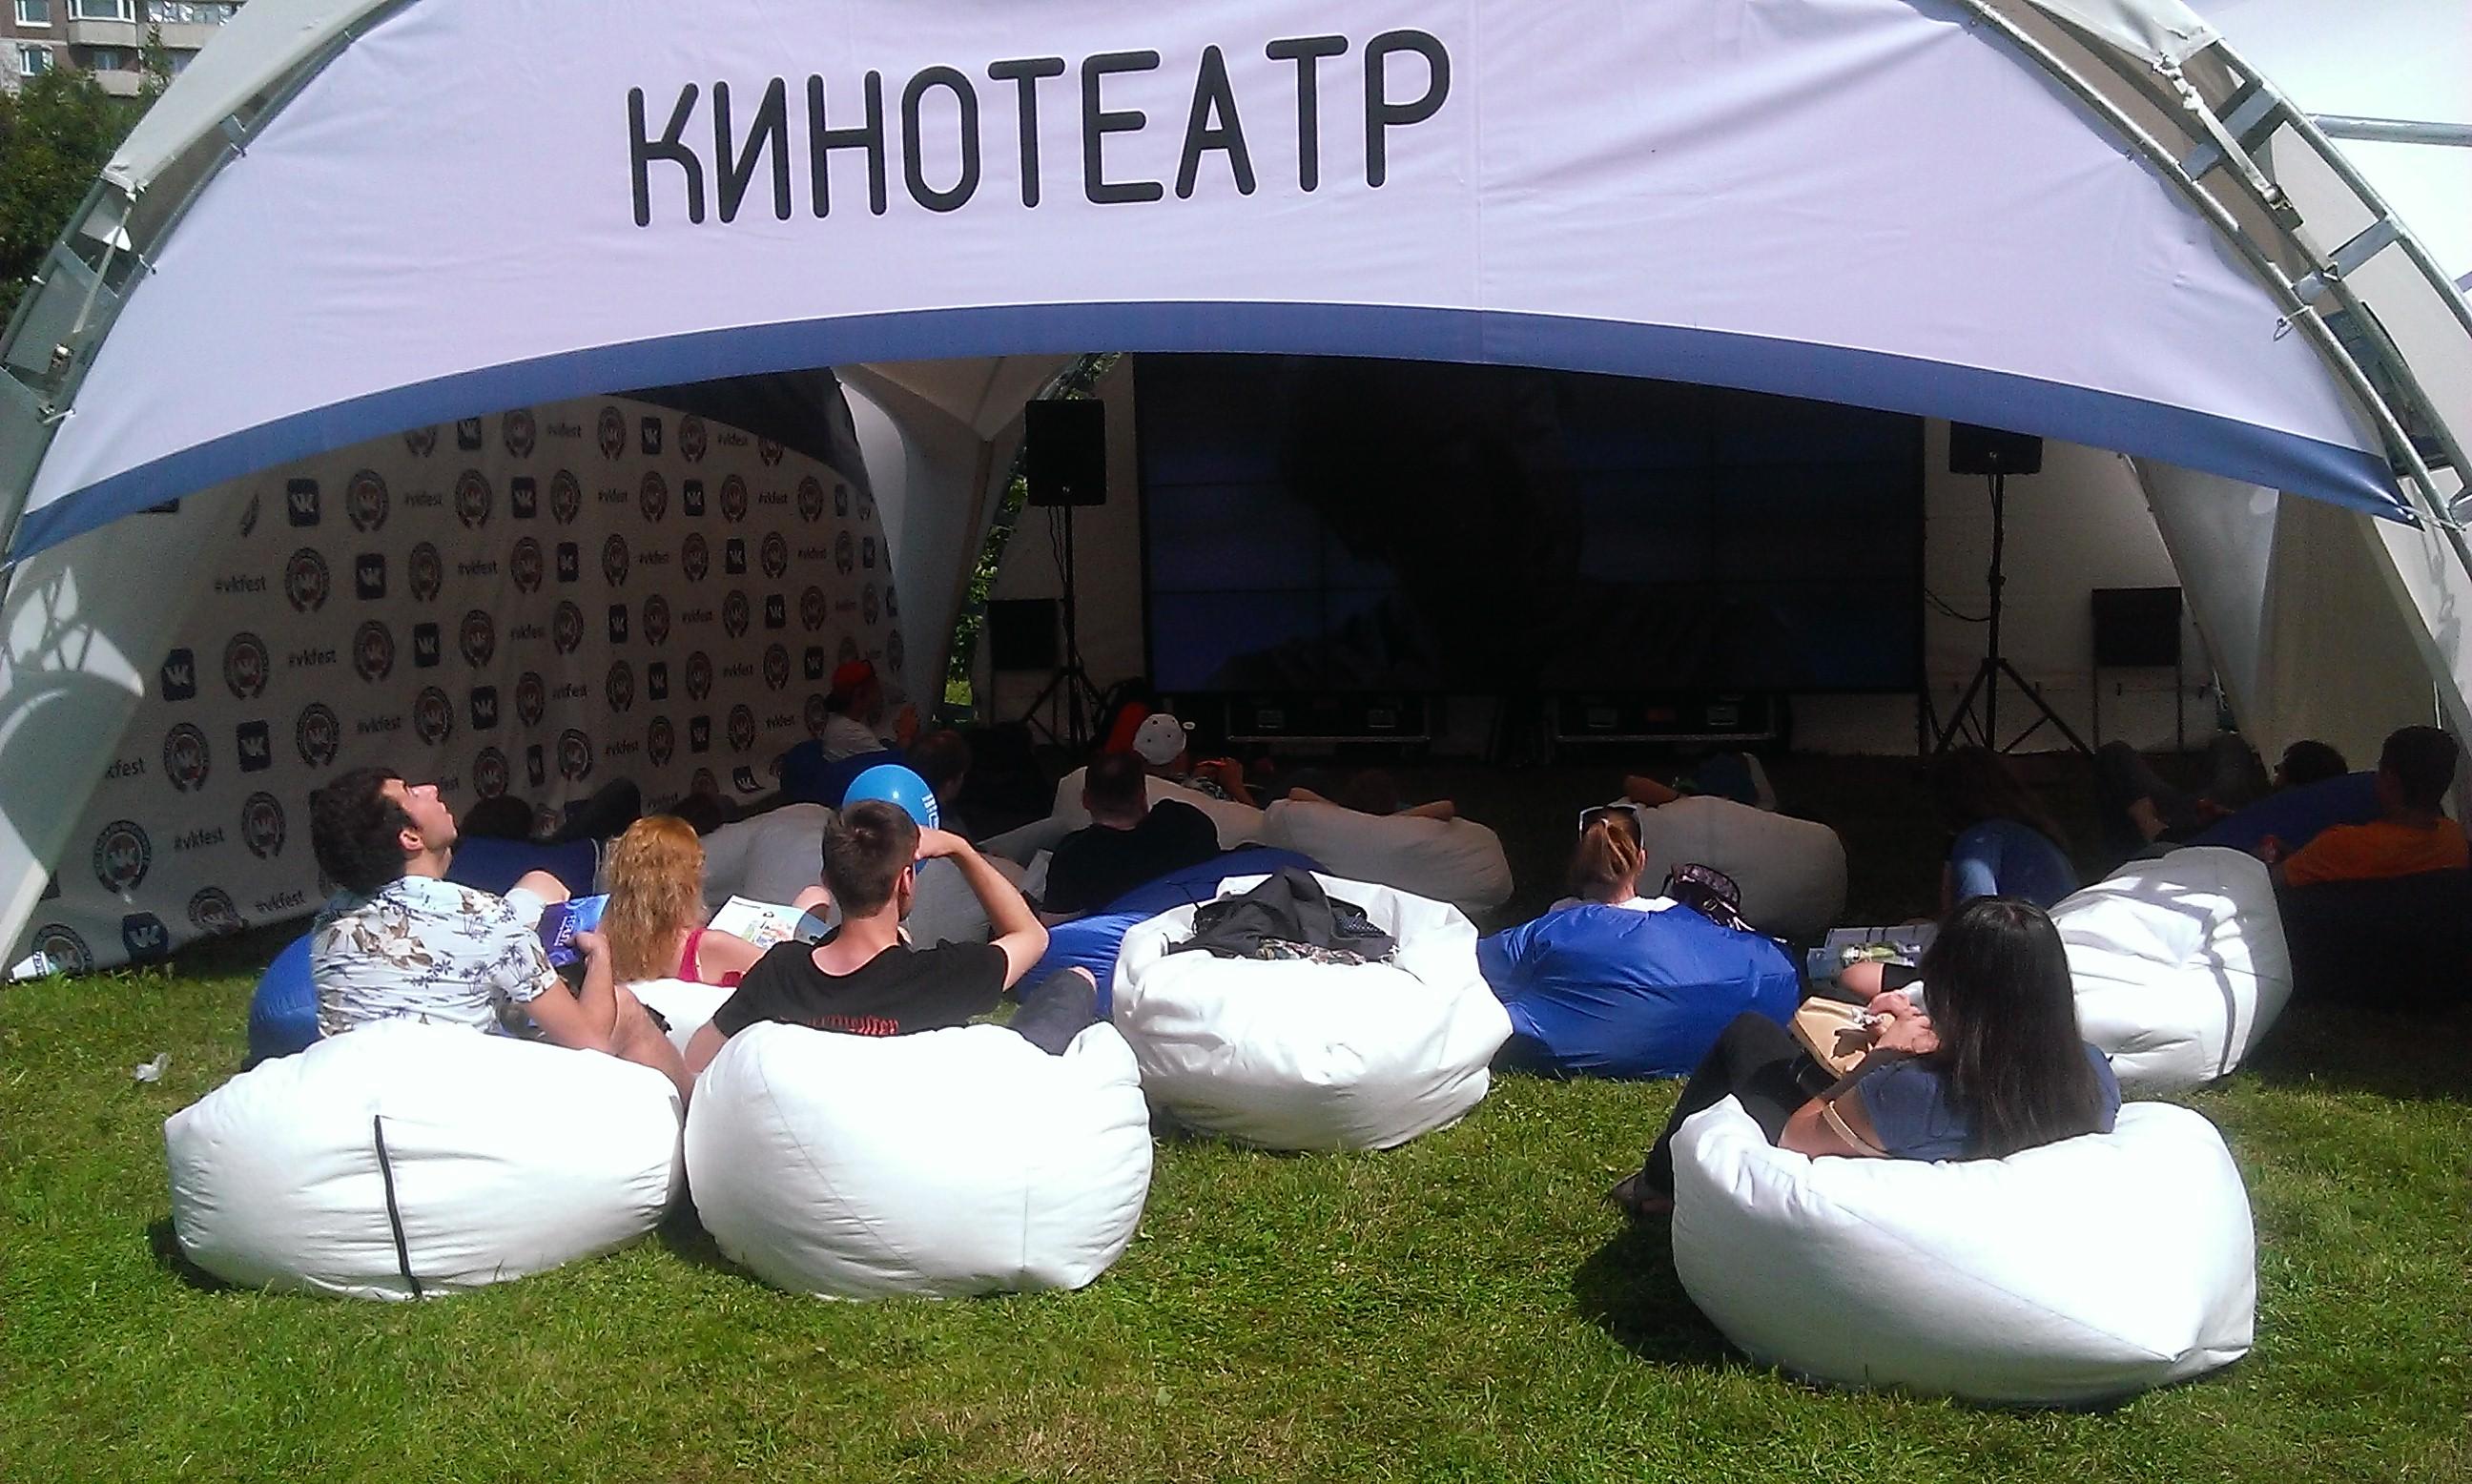 Ра твин медиа представило ночь пожирателей рекламы на vk fest 2016